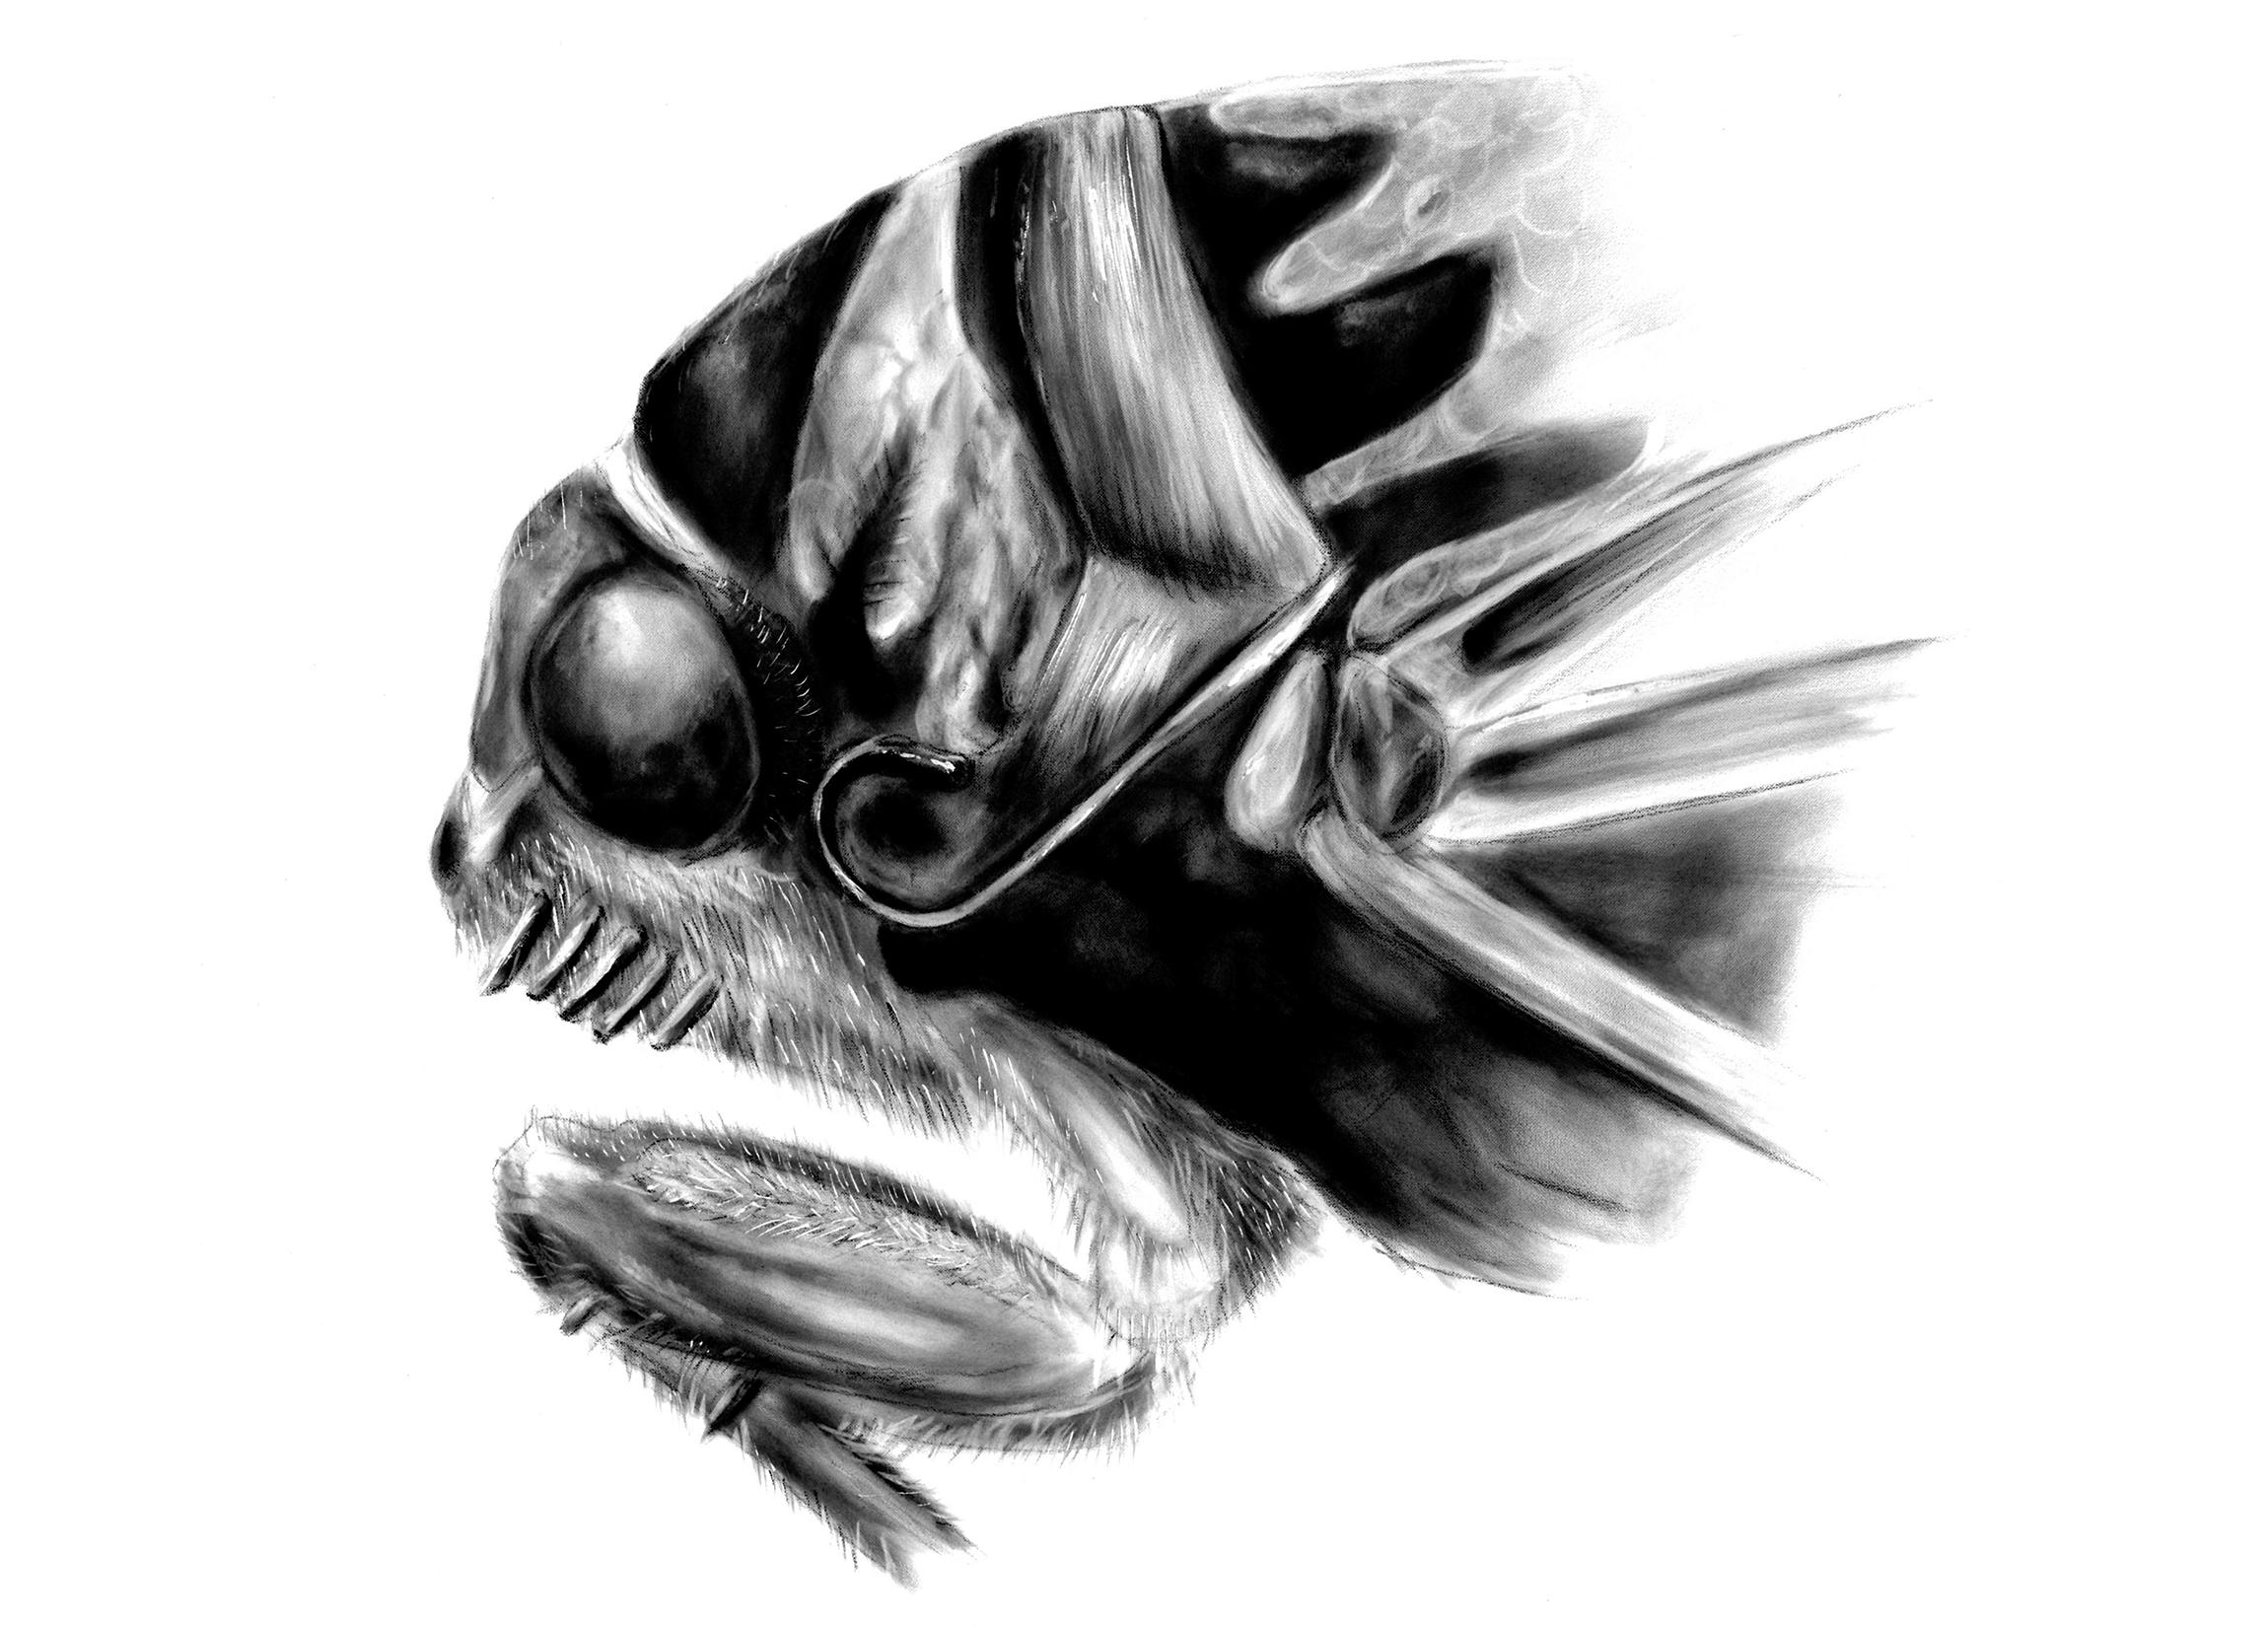 cicada_head.jpg